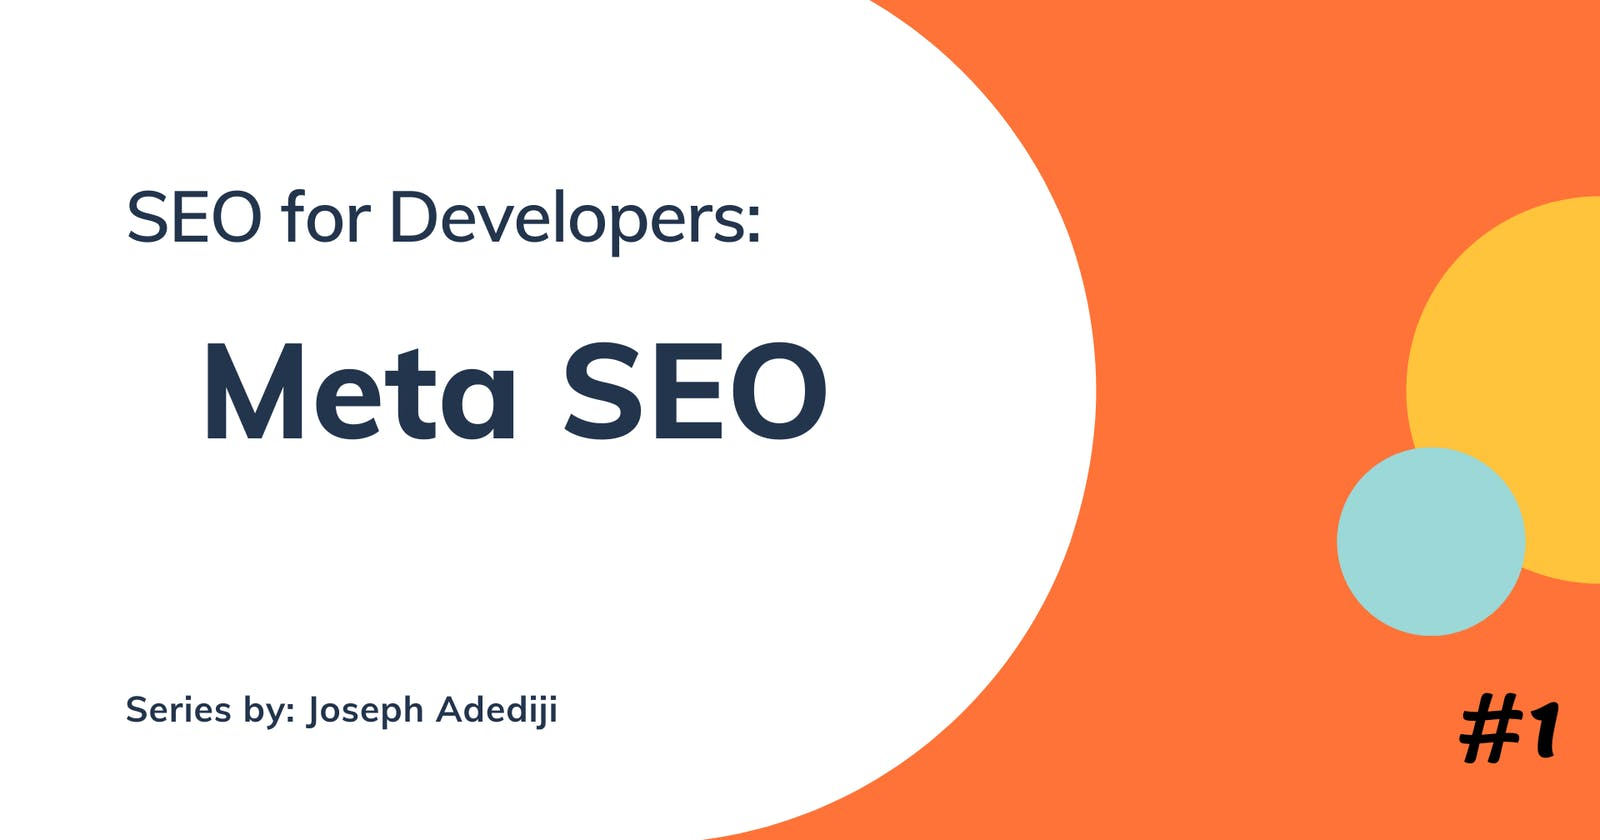 SEO for Developers: Meta SEO